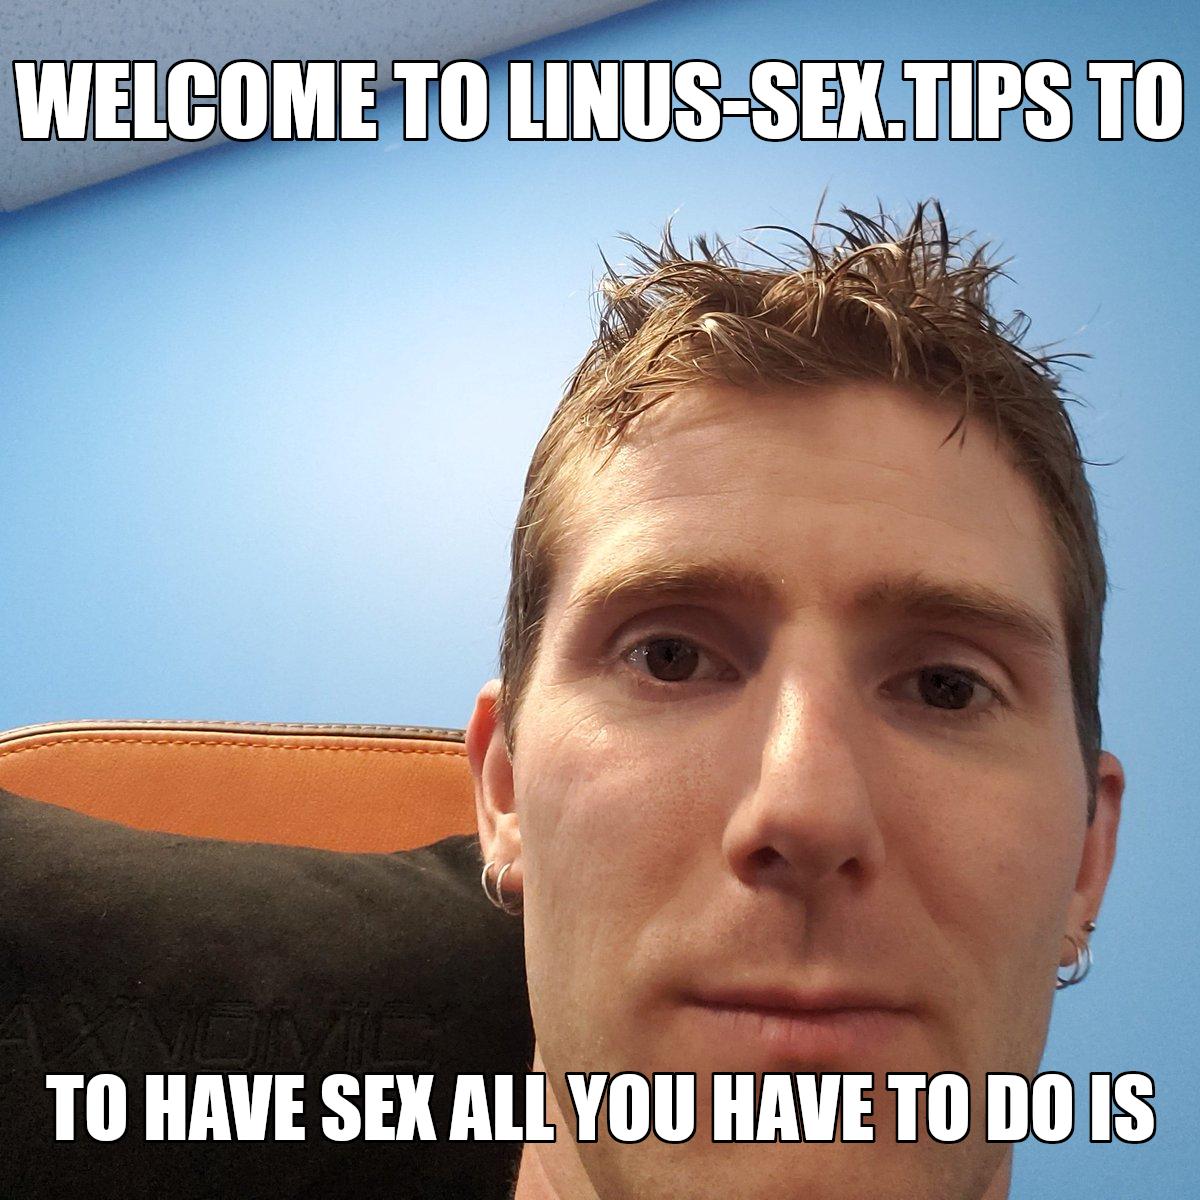 Linus's Tip